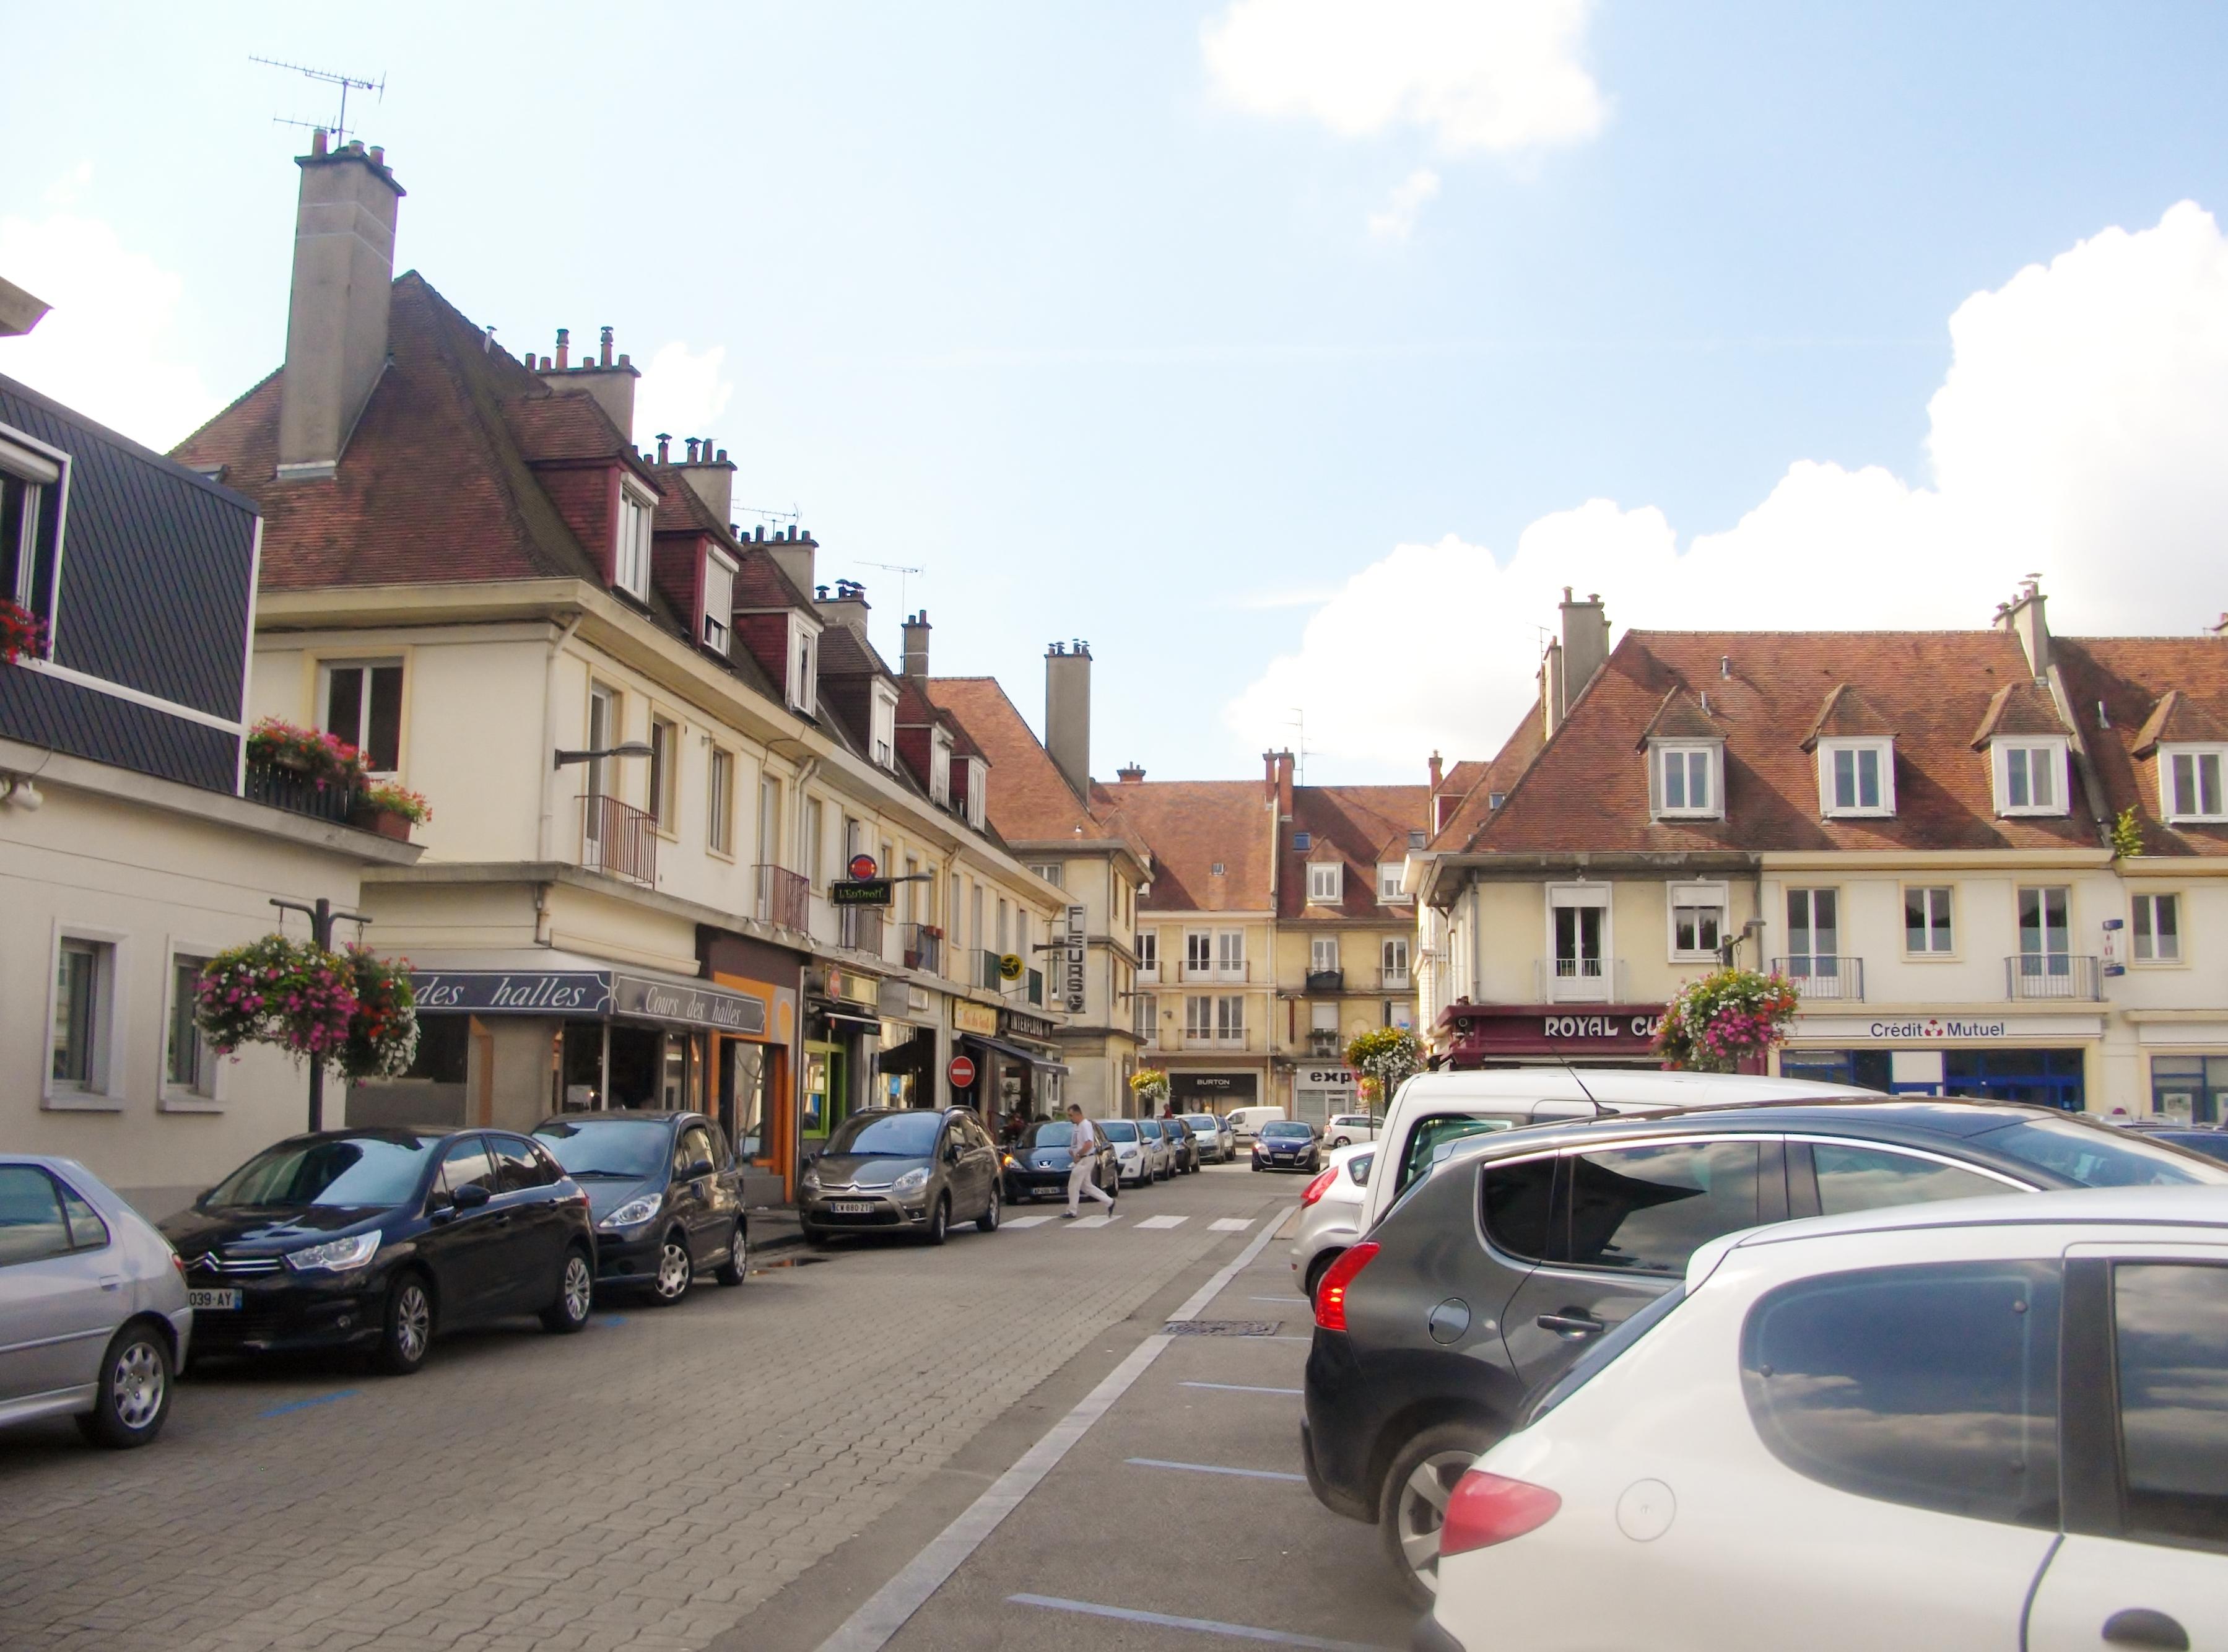 Photo yvetot 76190 place des belges yvetot 280123 for Hotels yvetot